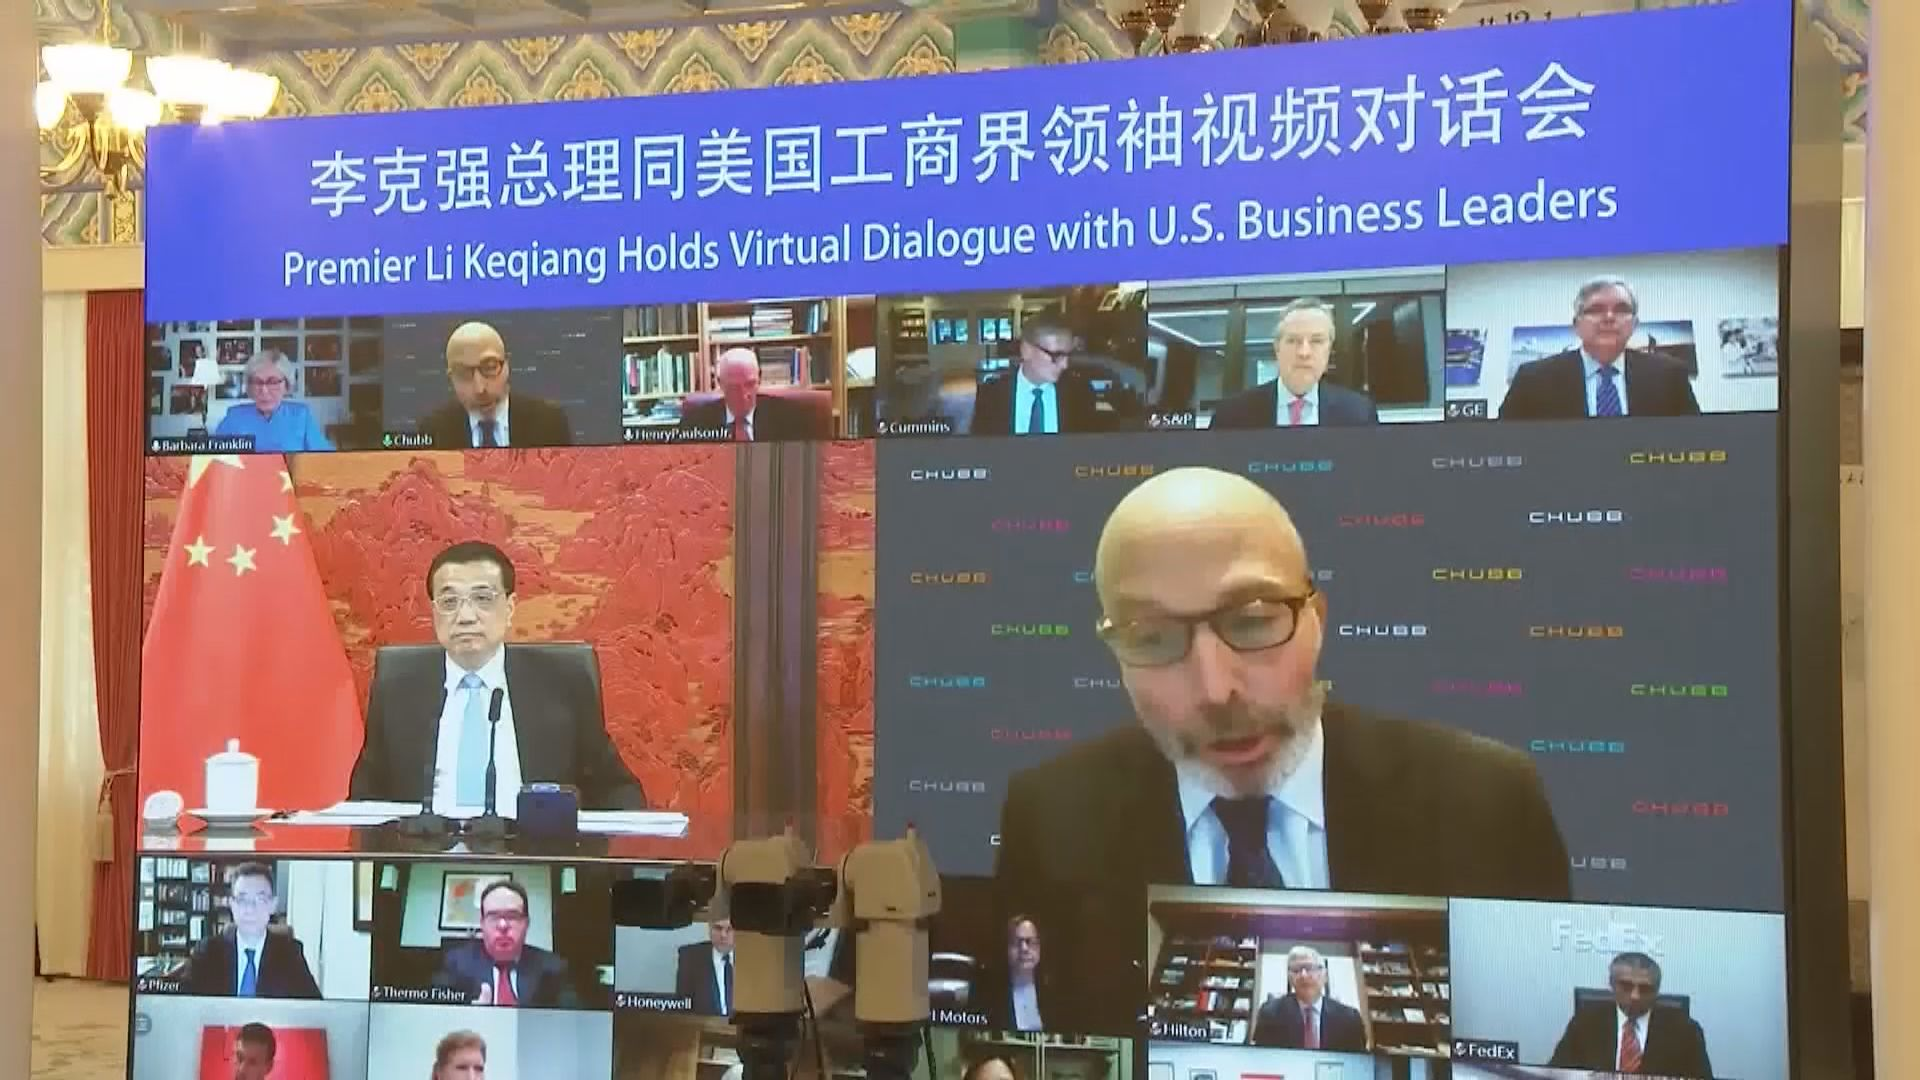 李克強:中美須加強對話溝通 兩國脫勾對誰均沒好處